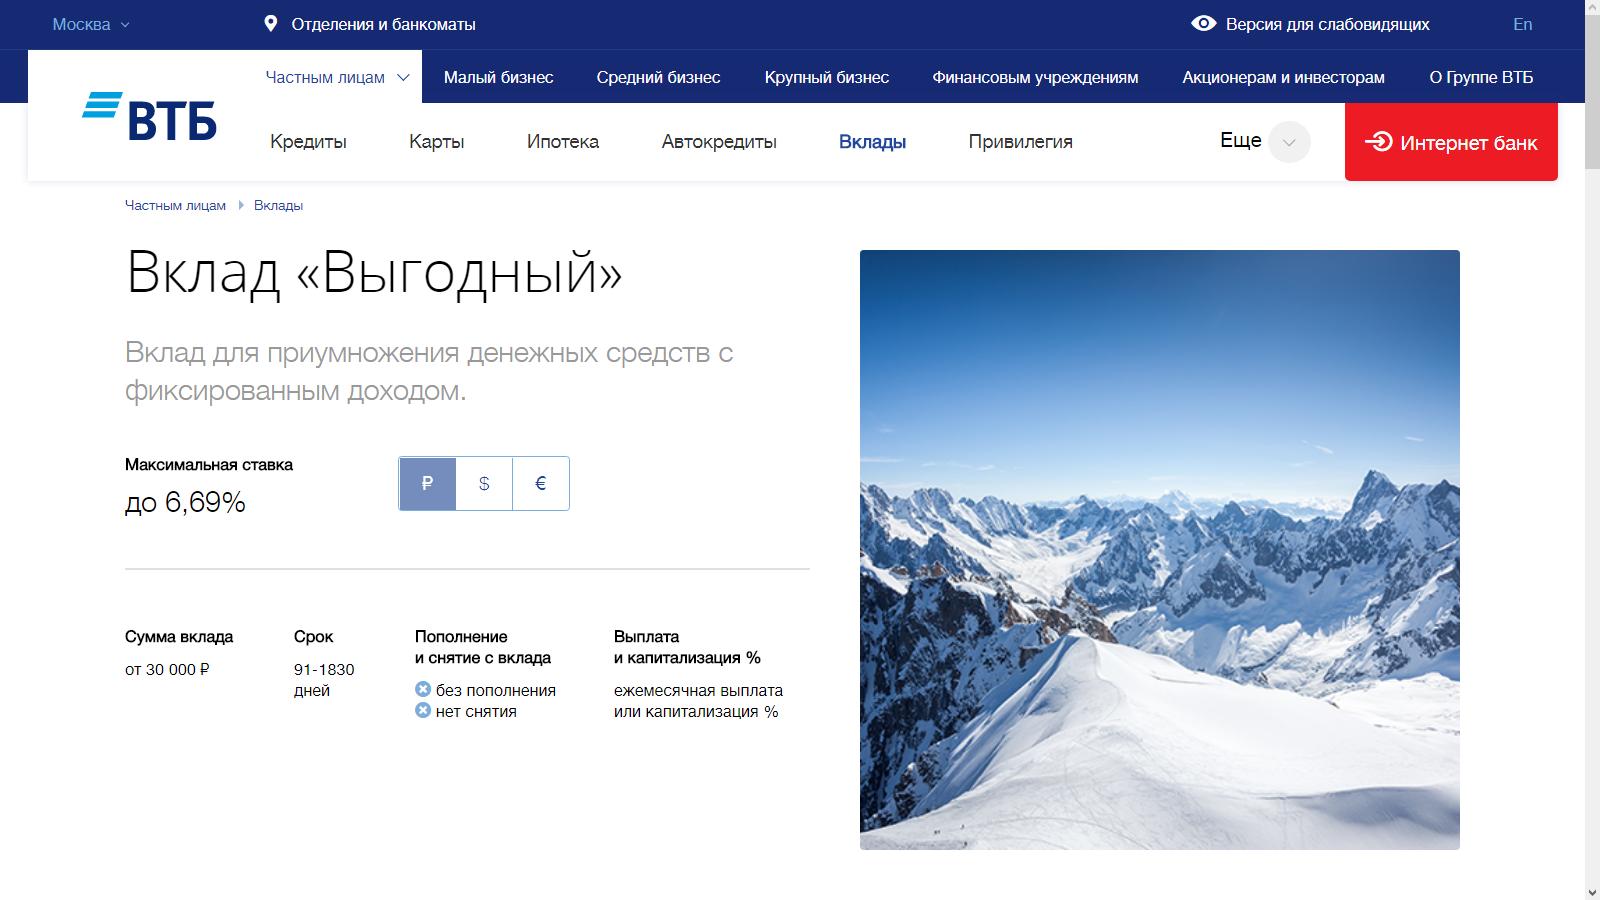 Вклад «Выгодный» в ВТБ банке